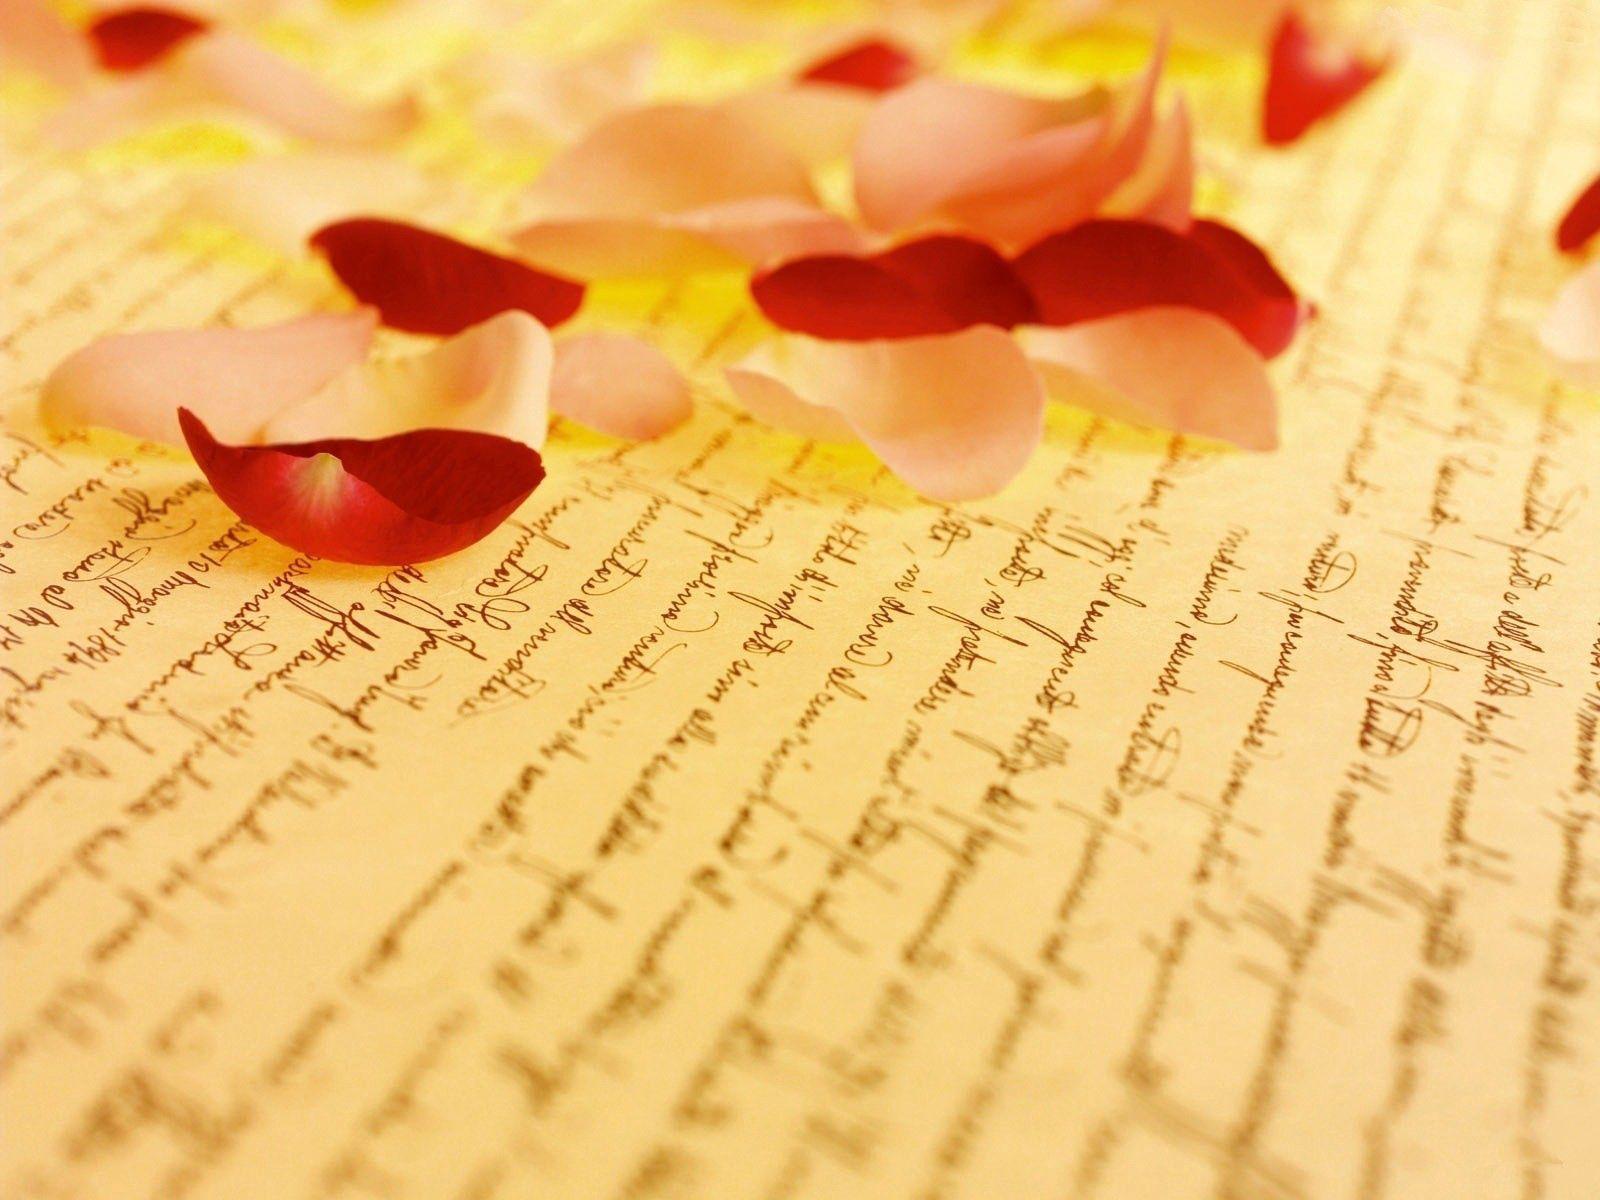 138778 Hintergrundbild herunterladen Papier, Makro, Rose, Blütenblätter, Inschrift - Bildschirmschoner und Bilder kostenlos